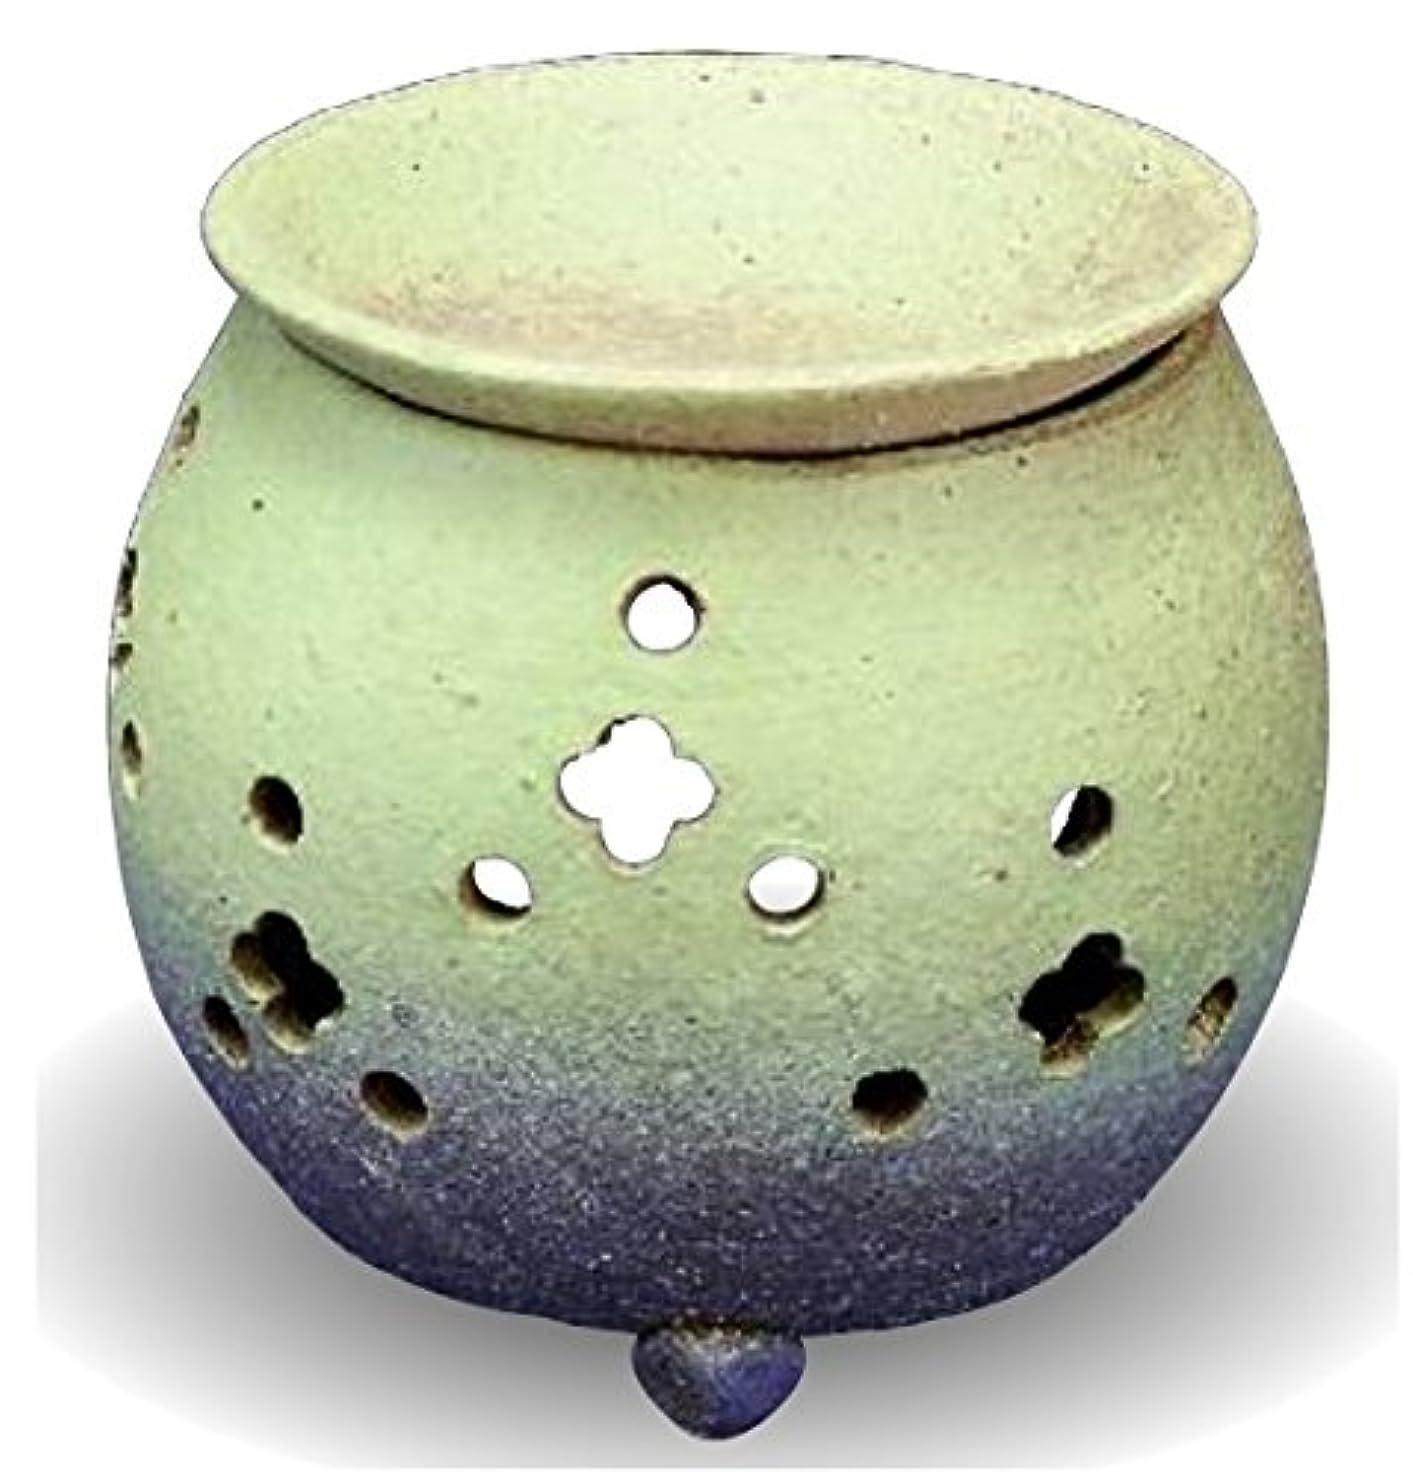 食器棚市町村むき出し常滑焼 茶香炉(アロマポット)径10×高さ11.5cm